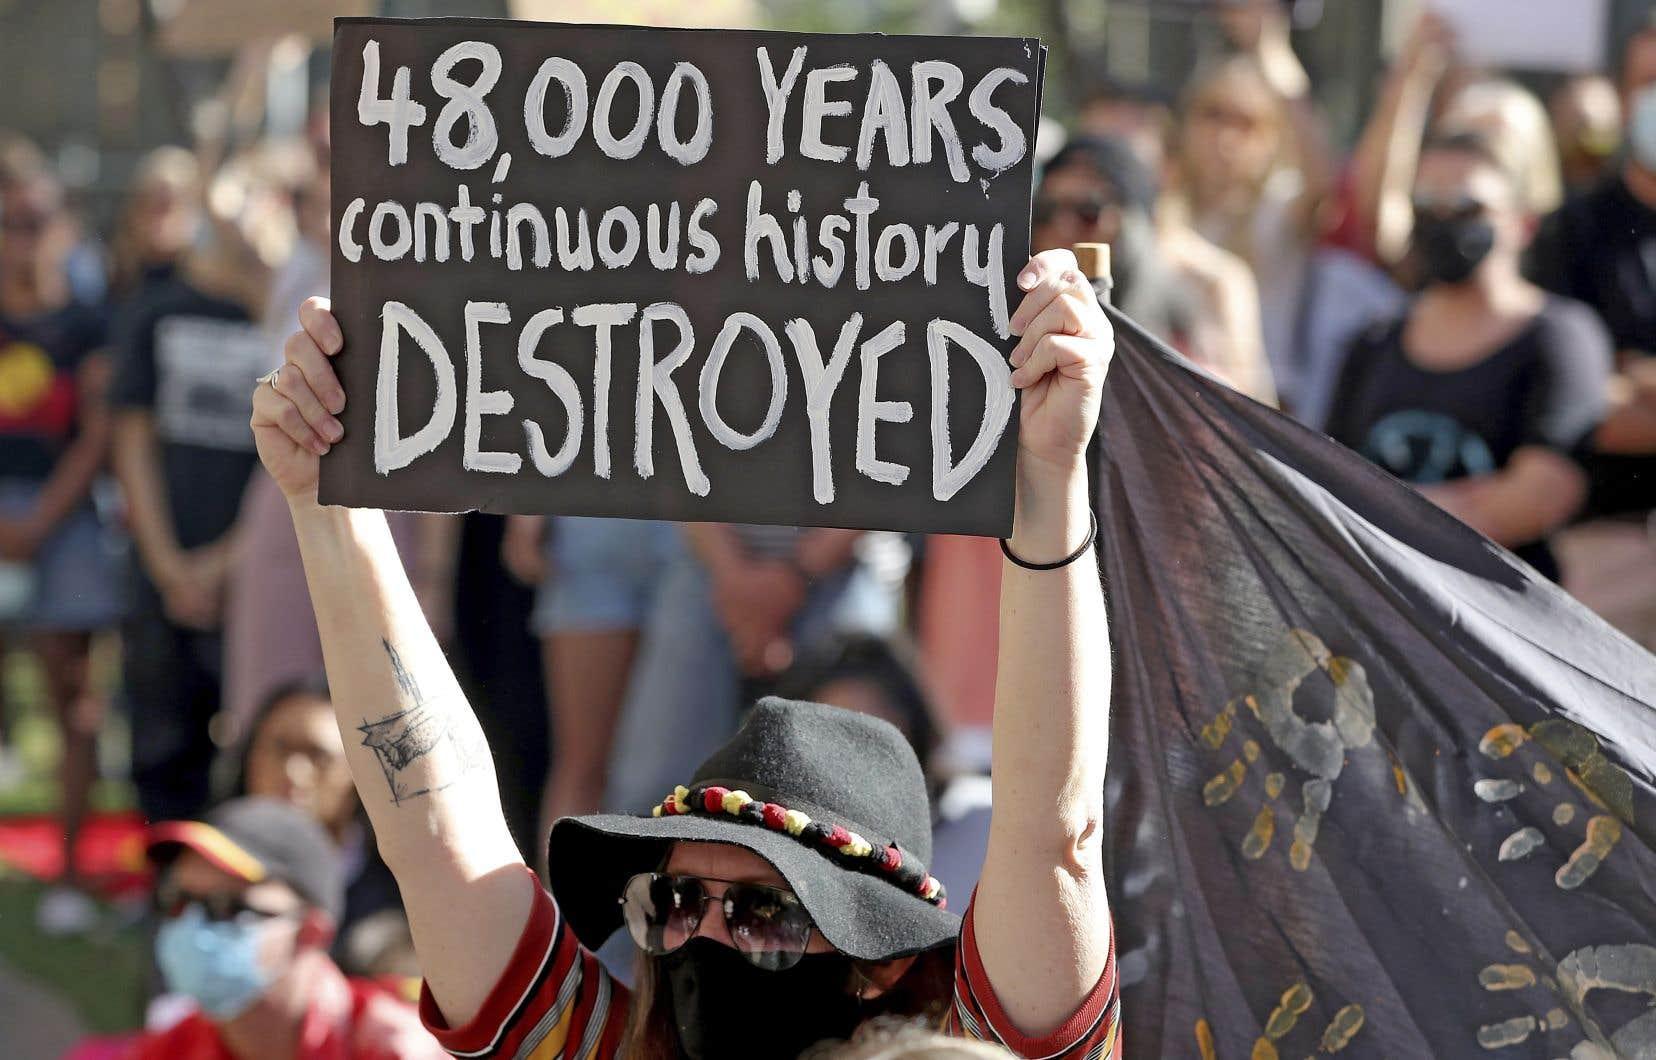 «La destruction du site aborigène vieux de 46000 ans intervenue au printemps était un acte valide sur le terrain juridique», écrit l'auteur.